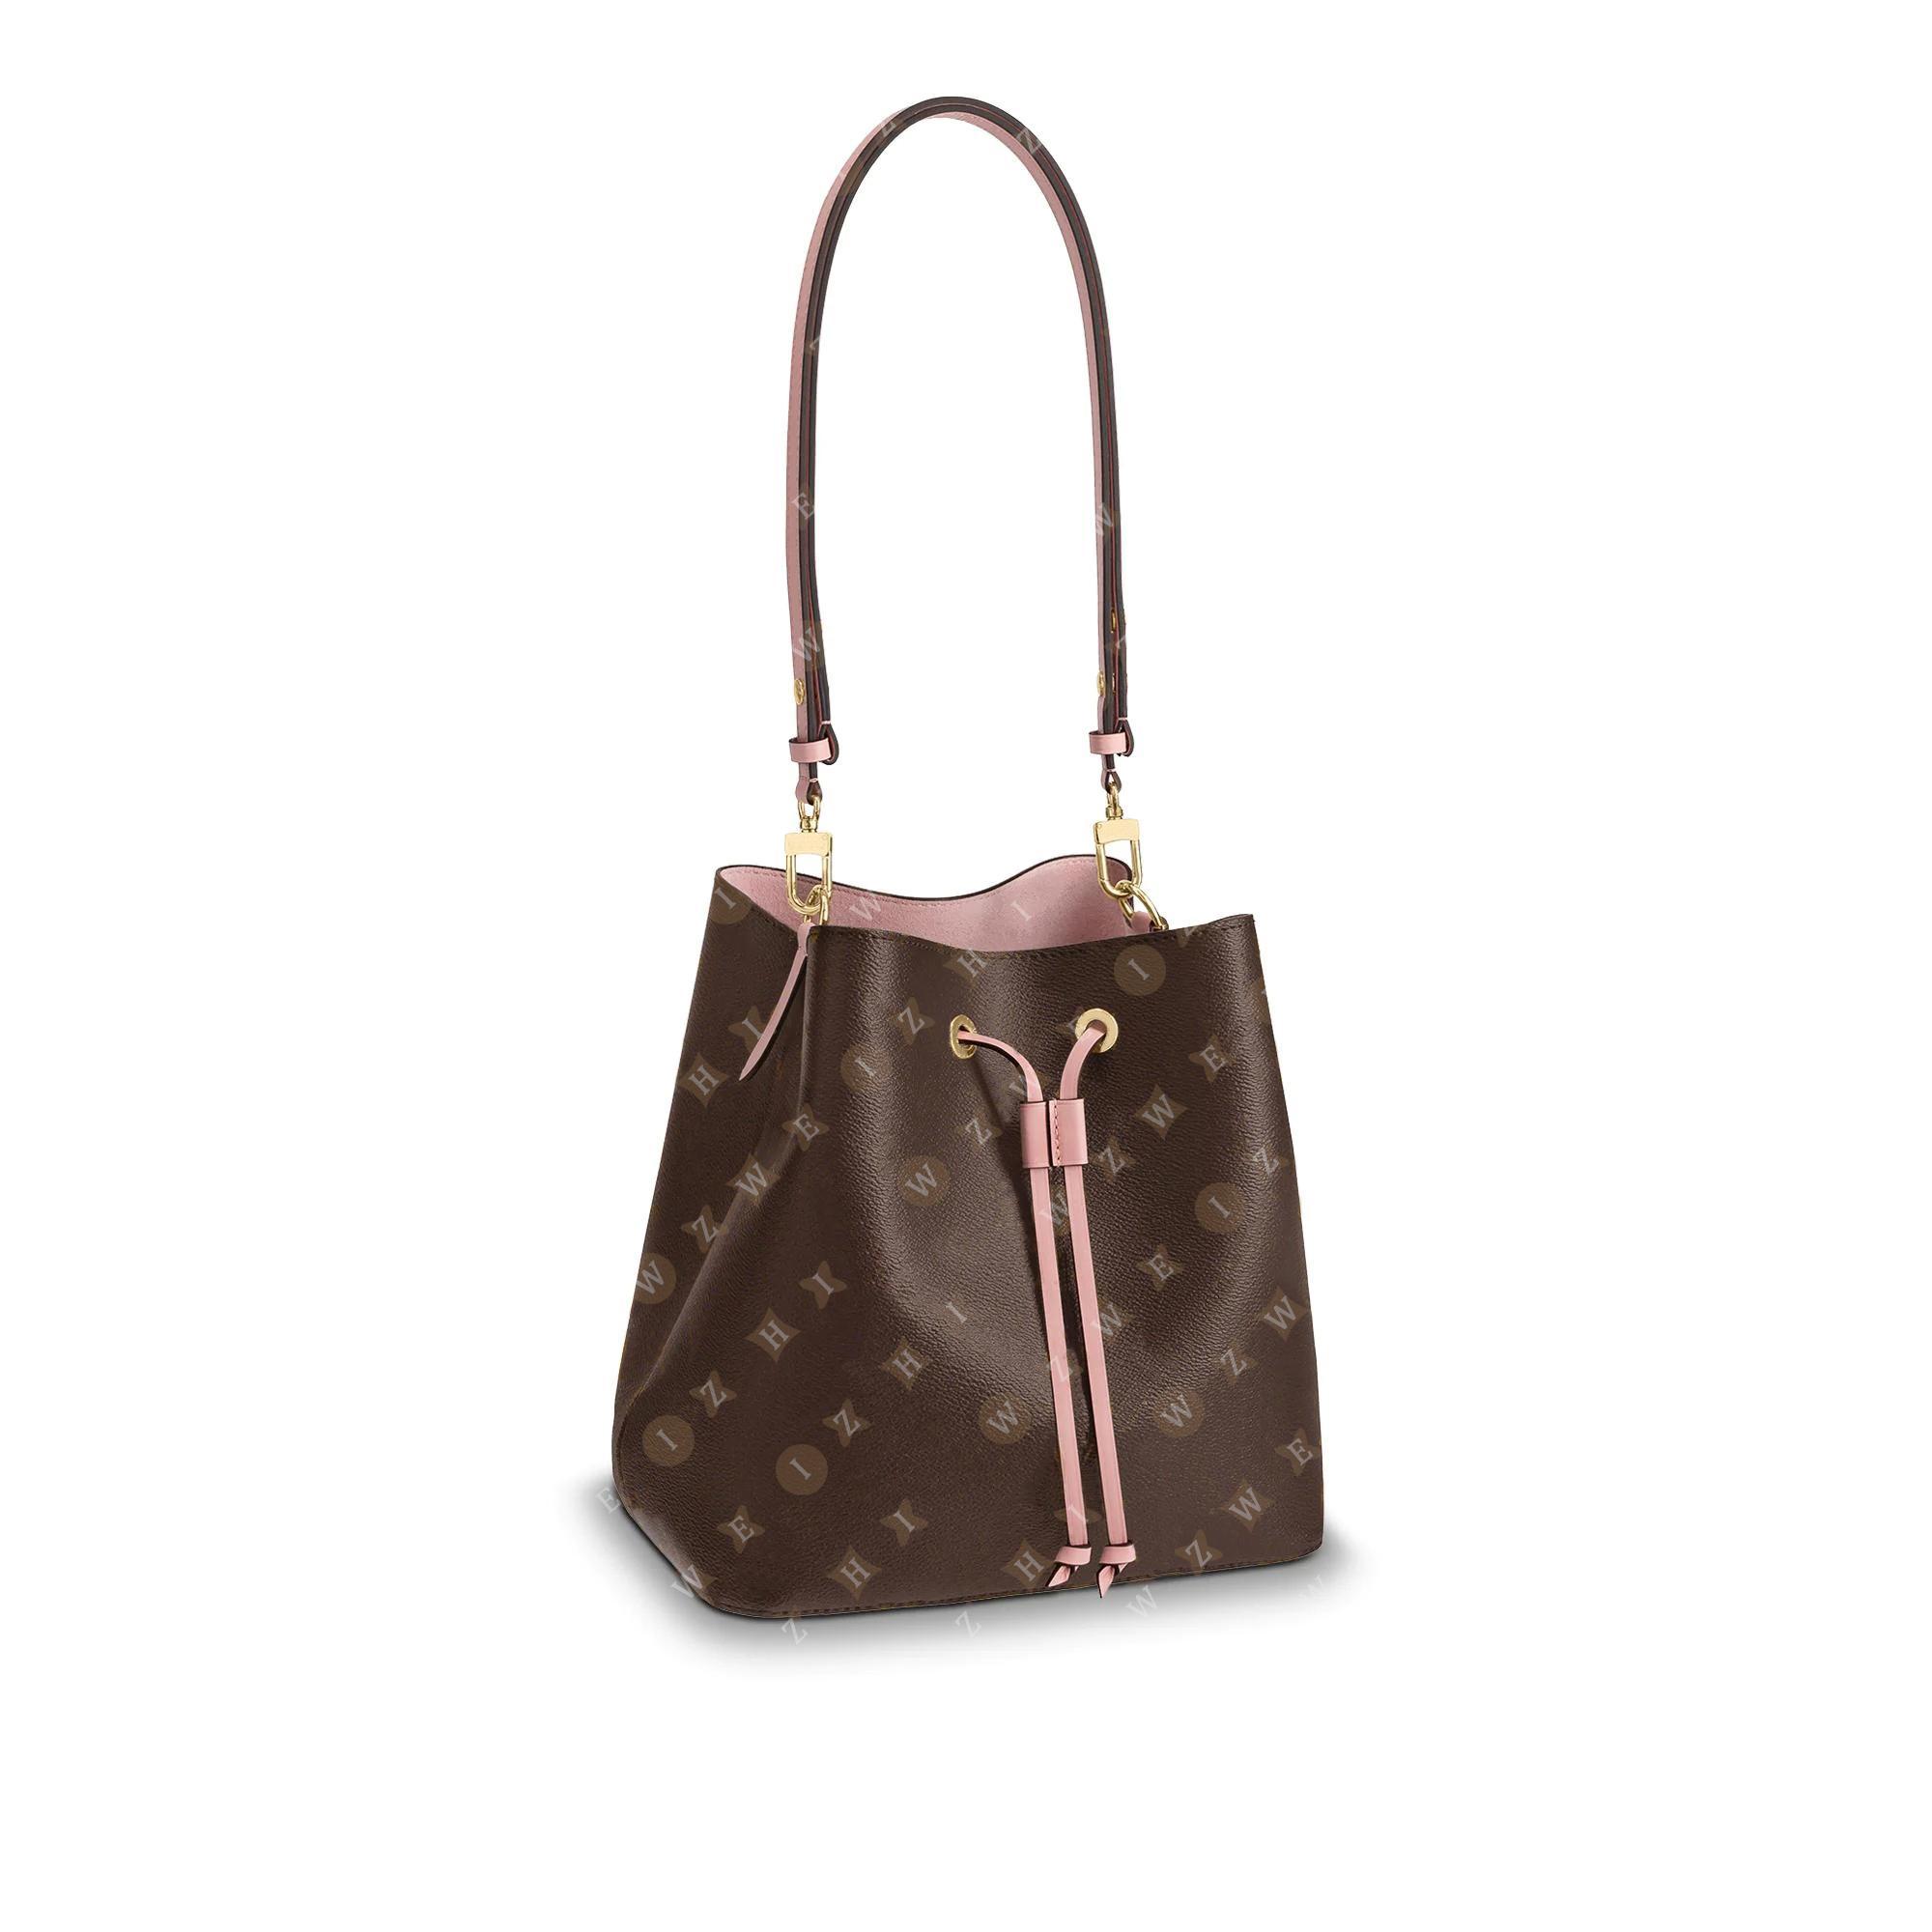 Frauen Handtaschen Mode Frauen Taschen Alte Blume Umhängetaschen Tragbare Schulter Messenger Bags